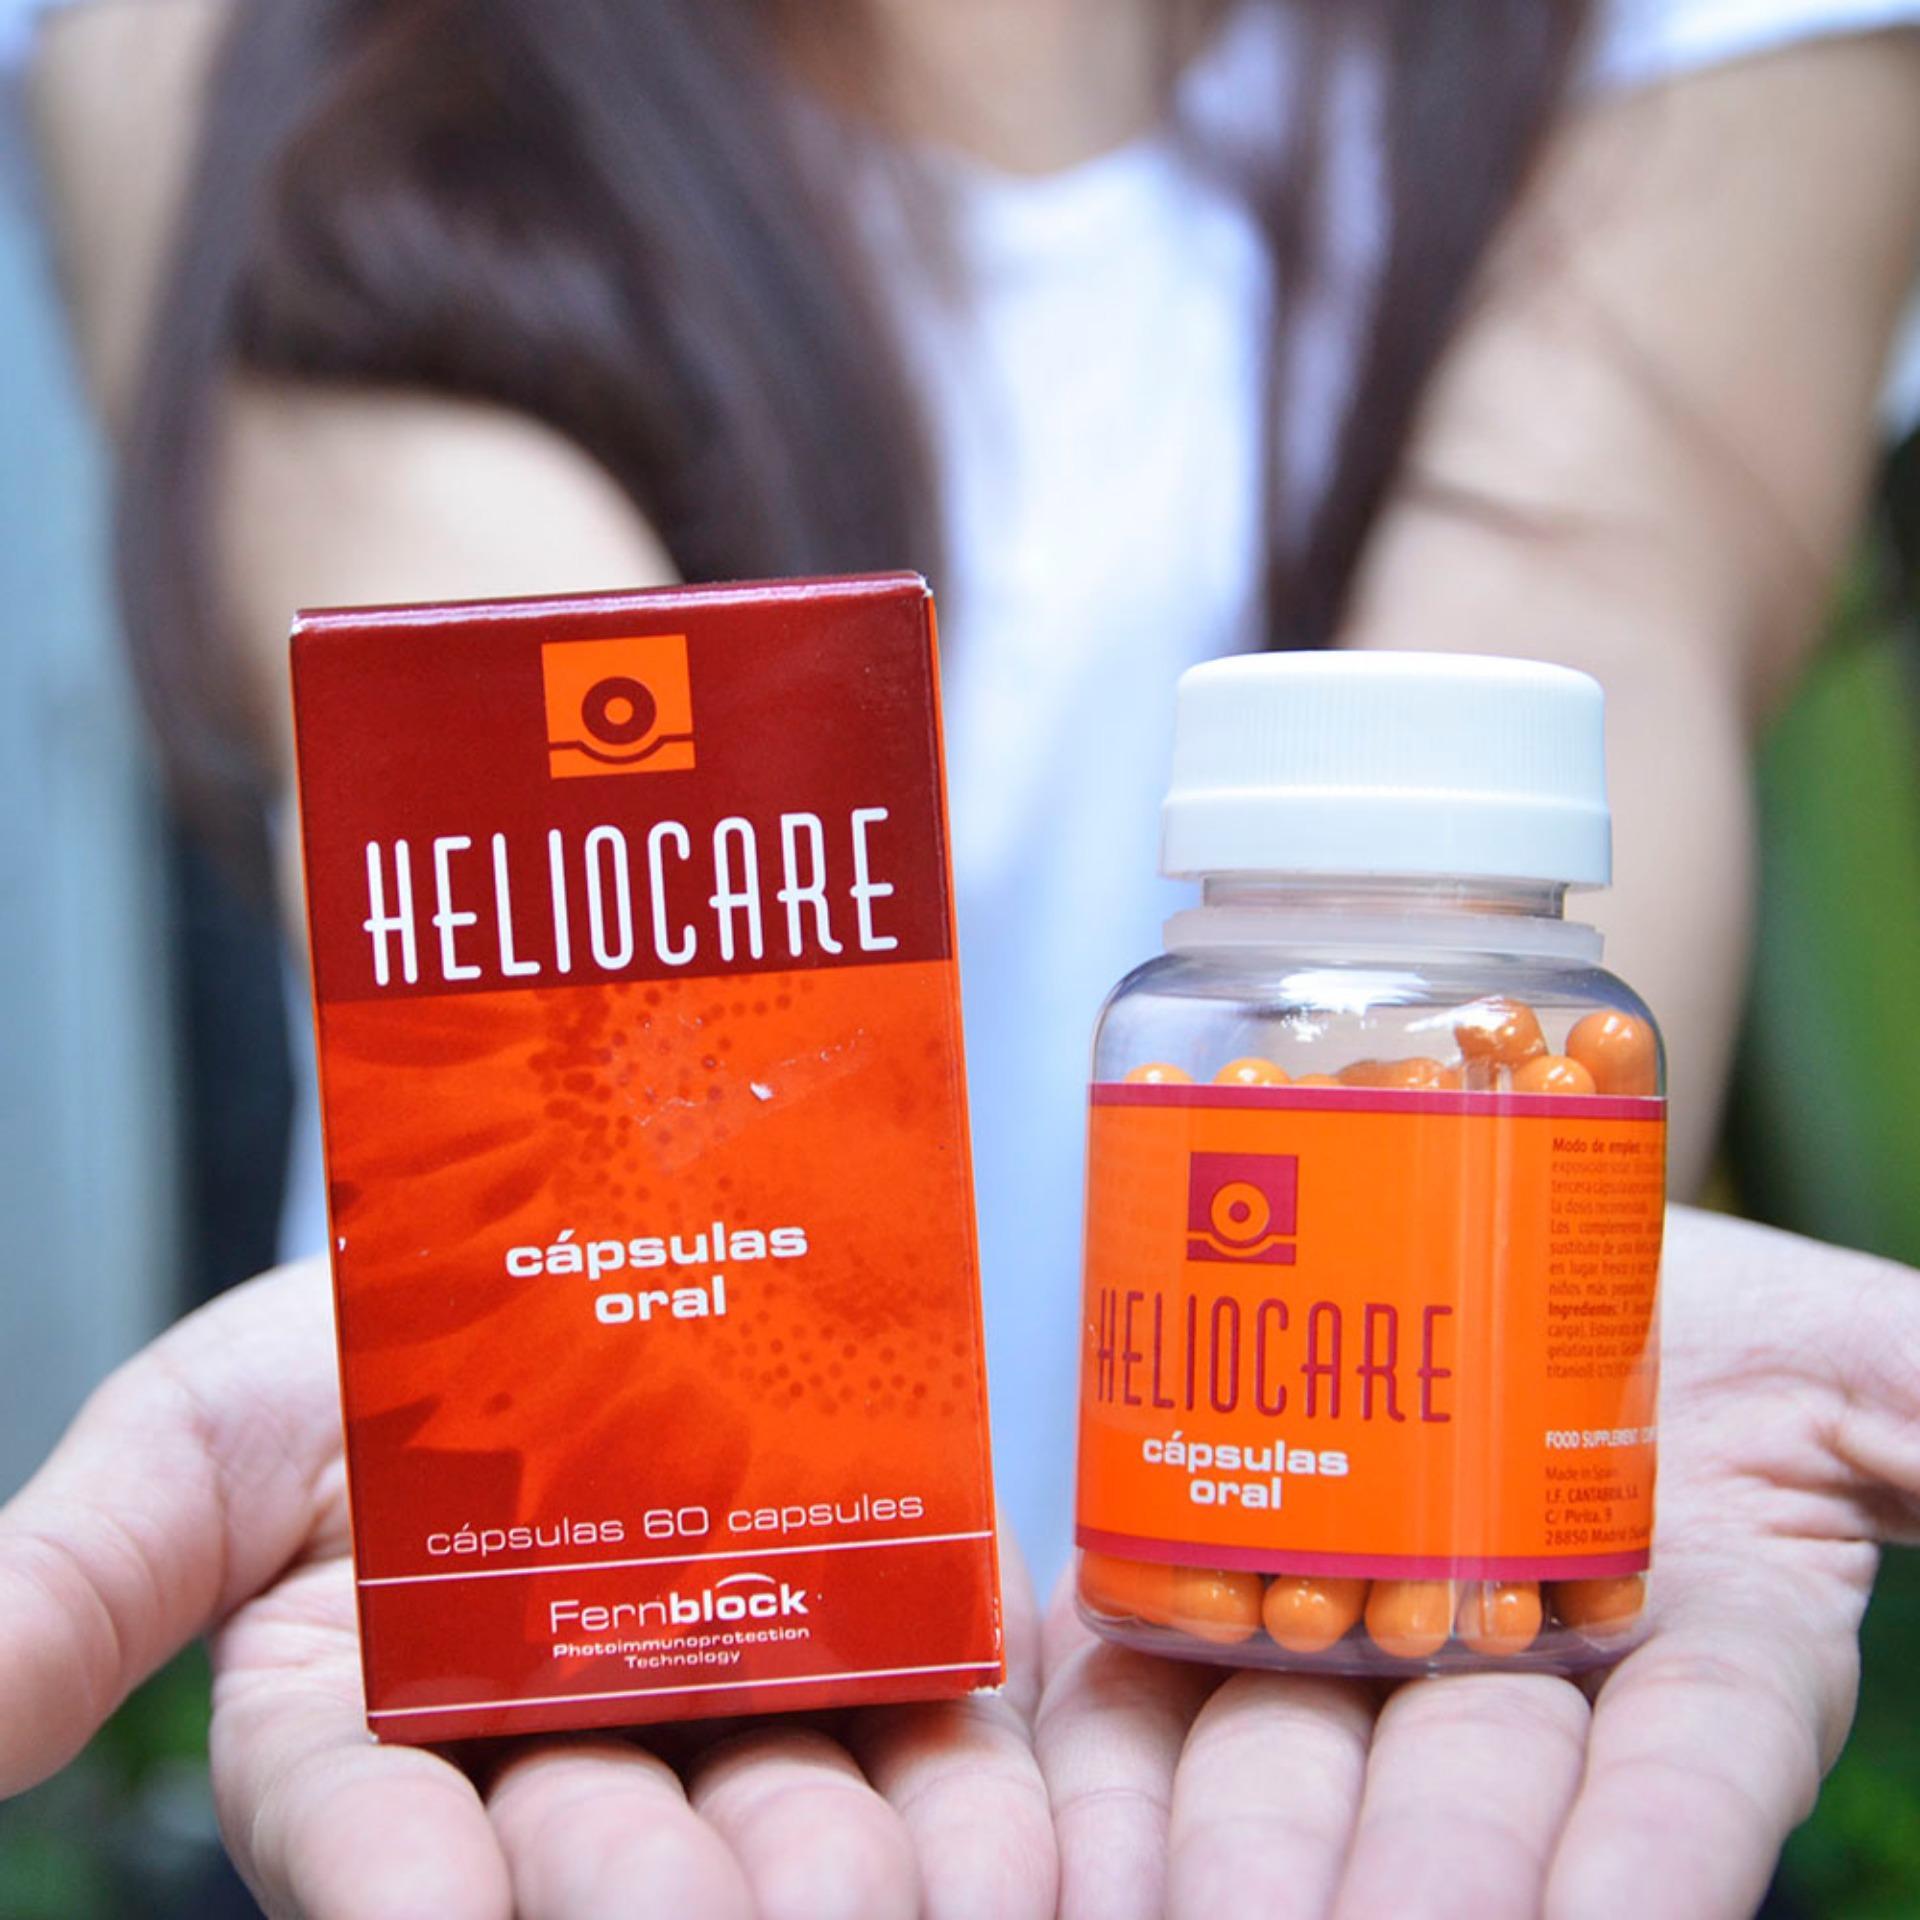 Viên uống chống nắng Heliocare Cápsulas Oral tốt nhất